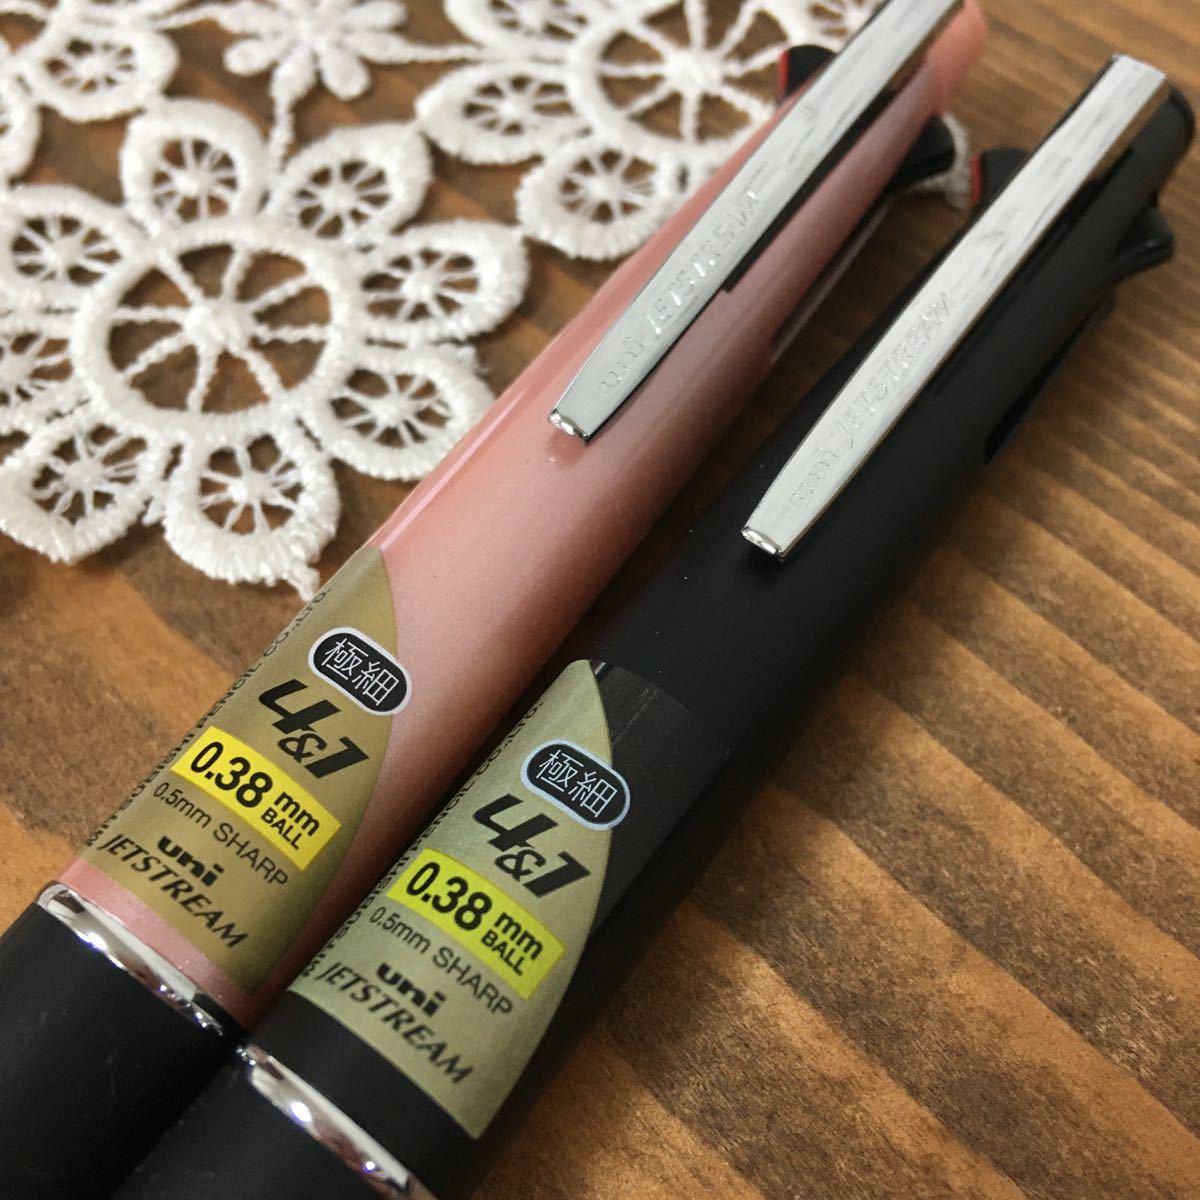 新品  極細  0.38mm 4&1 日本製 ジェットストリーム ボールペン uni 2本まとめ売り 送料140円  ベビーピンク  ブラック_画像2